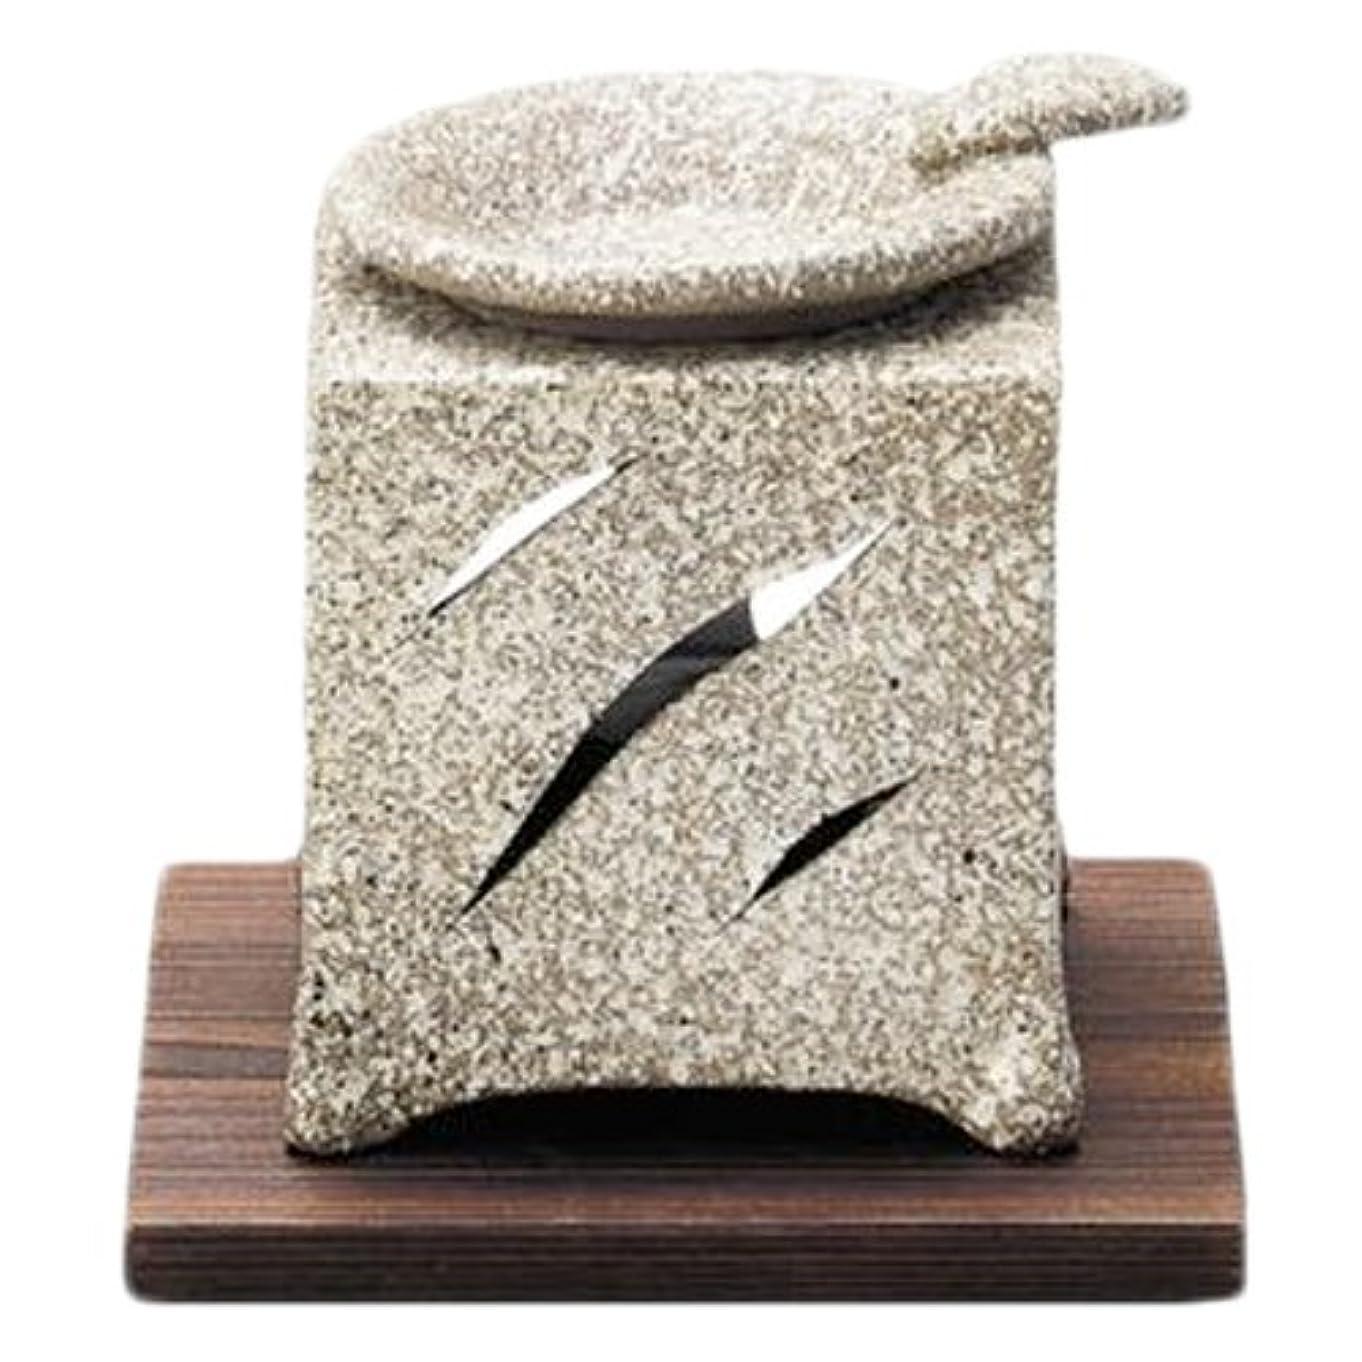 ルーフ尊敬する上に常滑焼5-261山房 石風角形茶香炉 AM-T1054